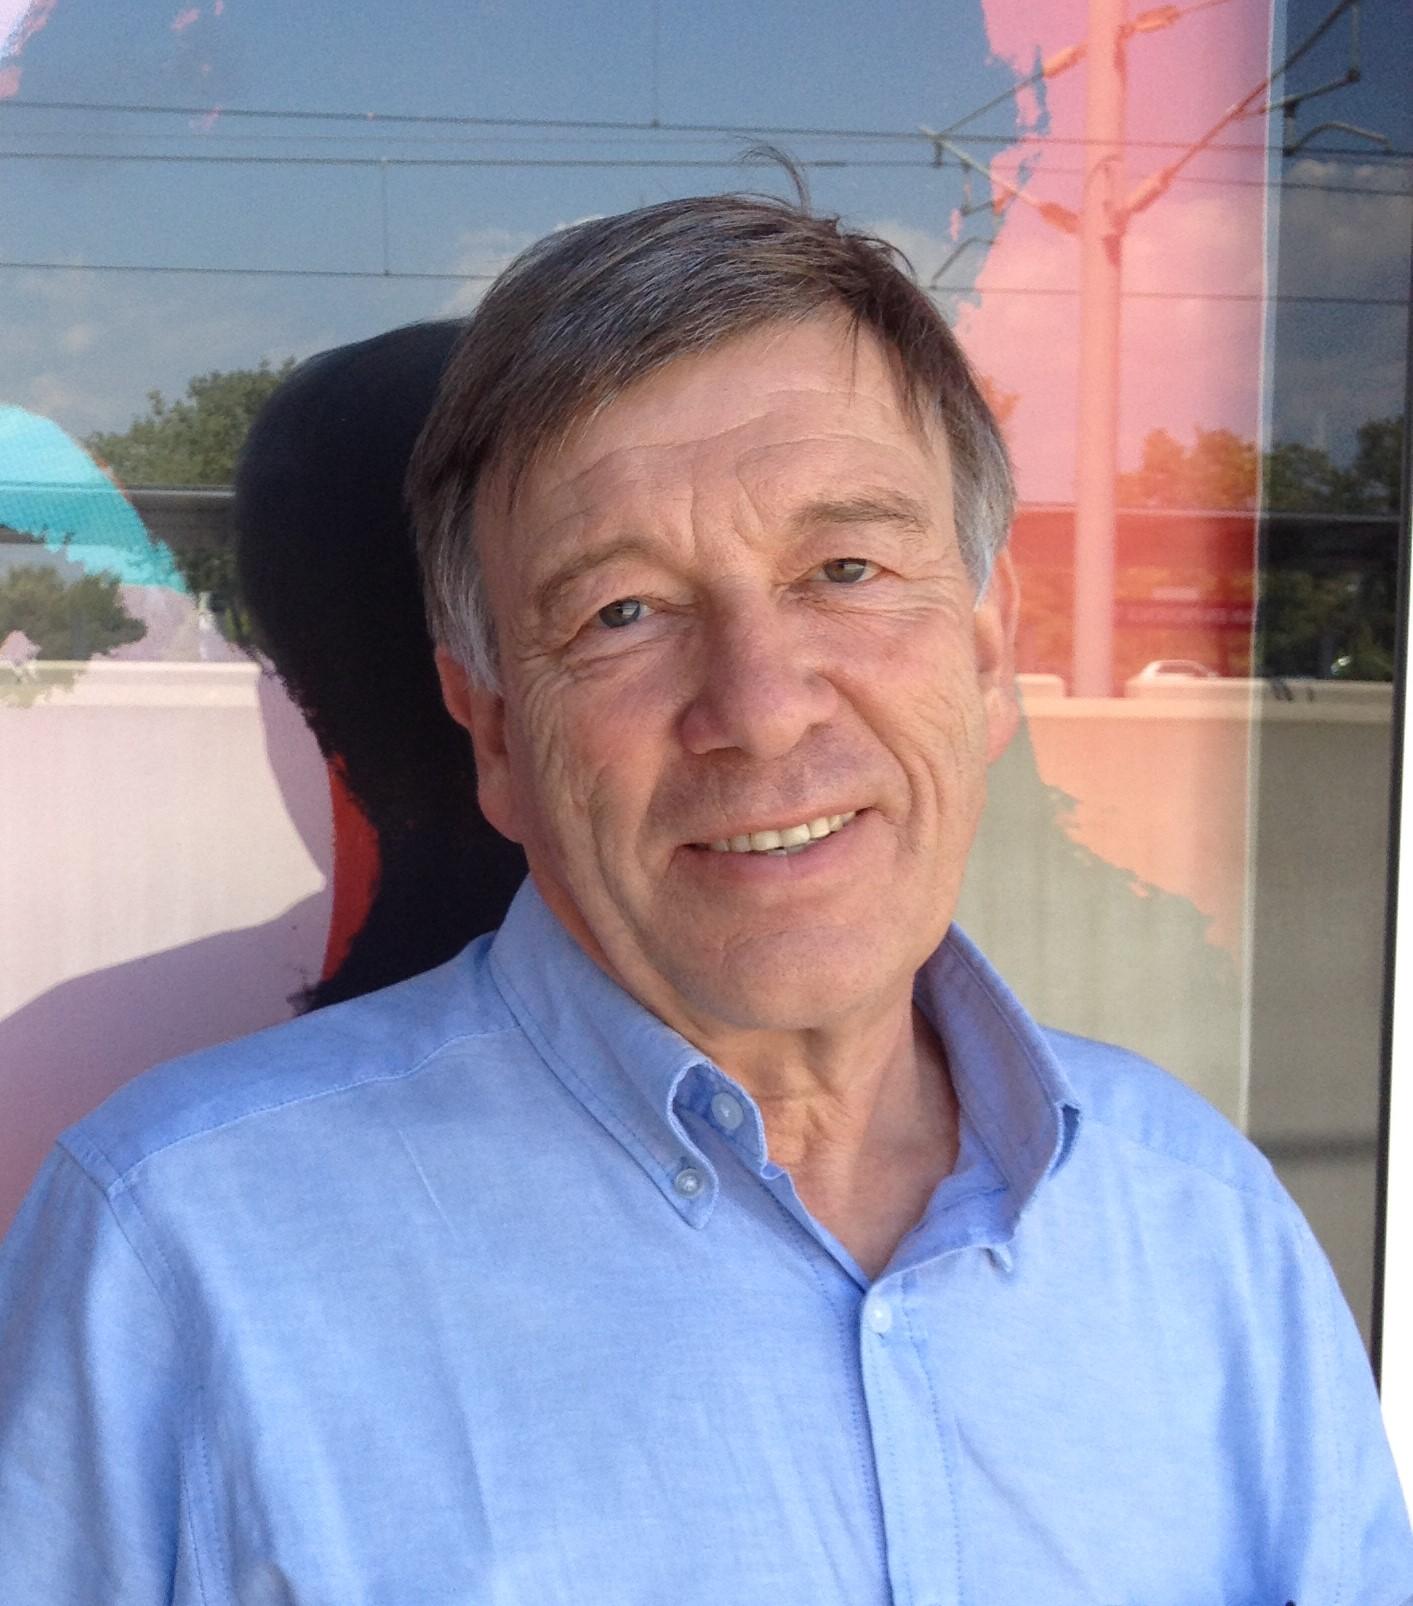 Jean-Louis Terras - Auteur, écrivain